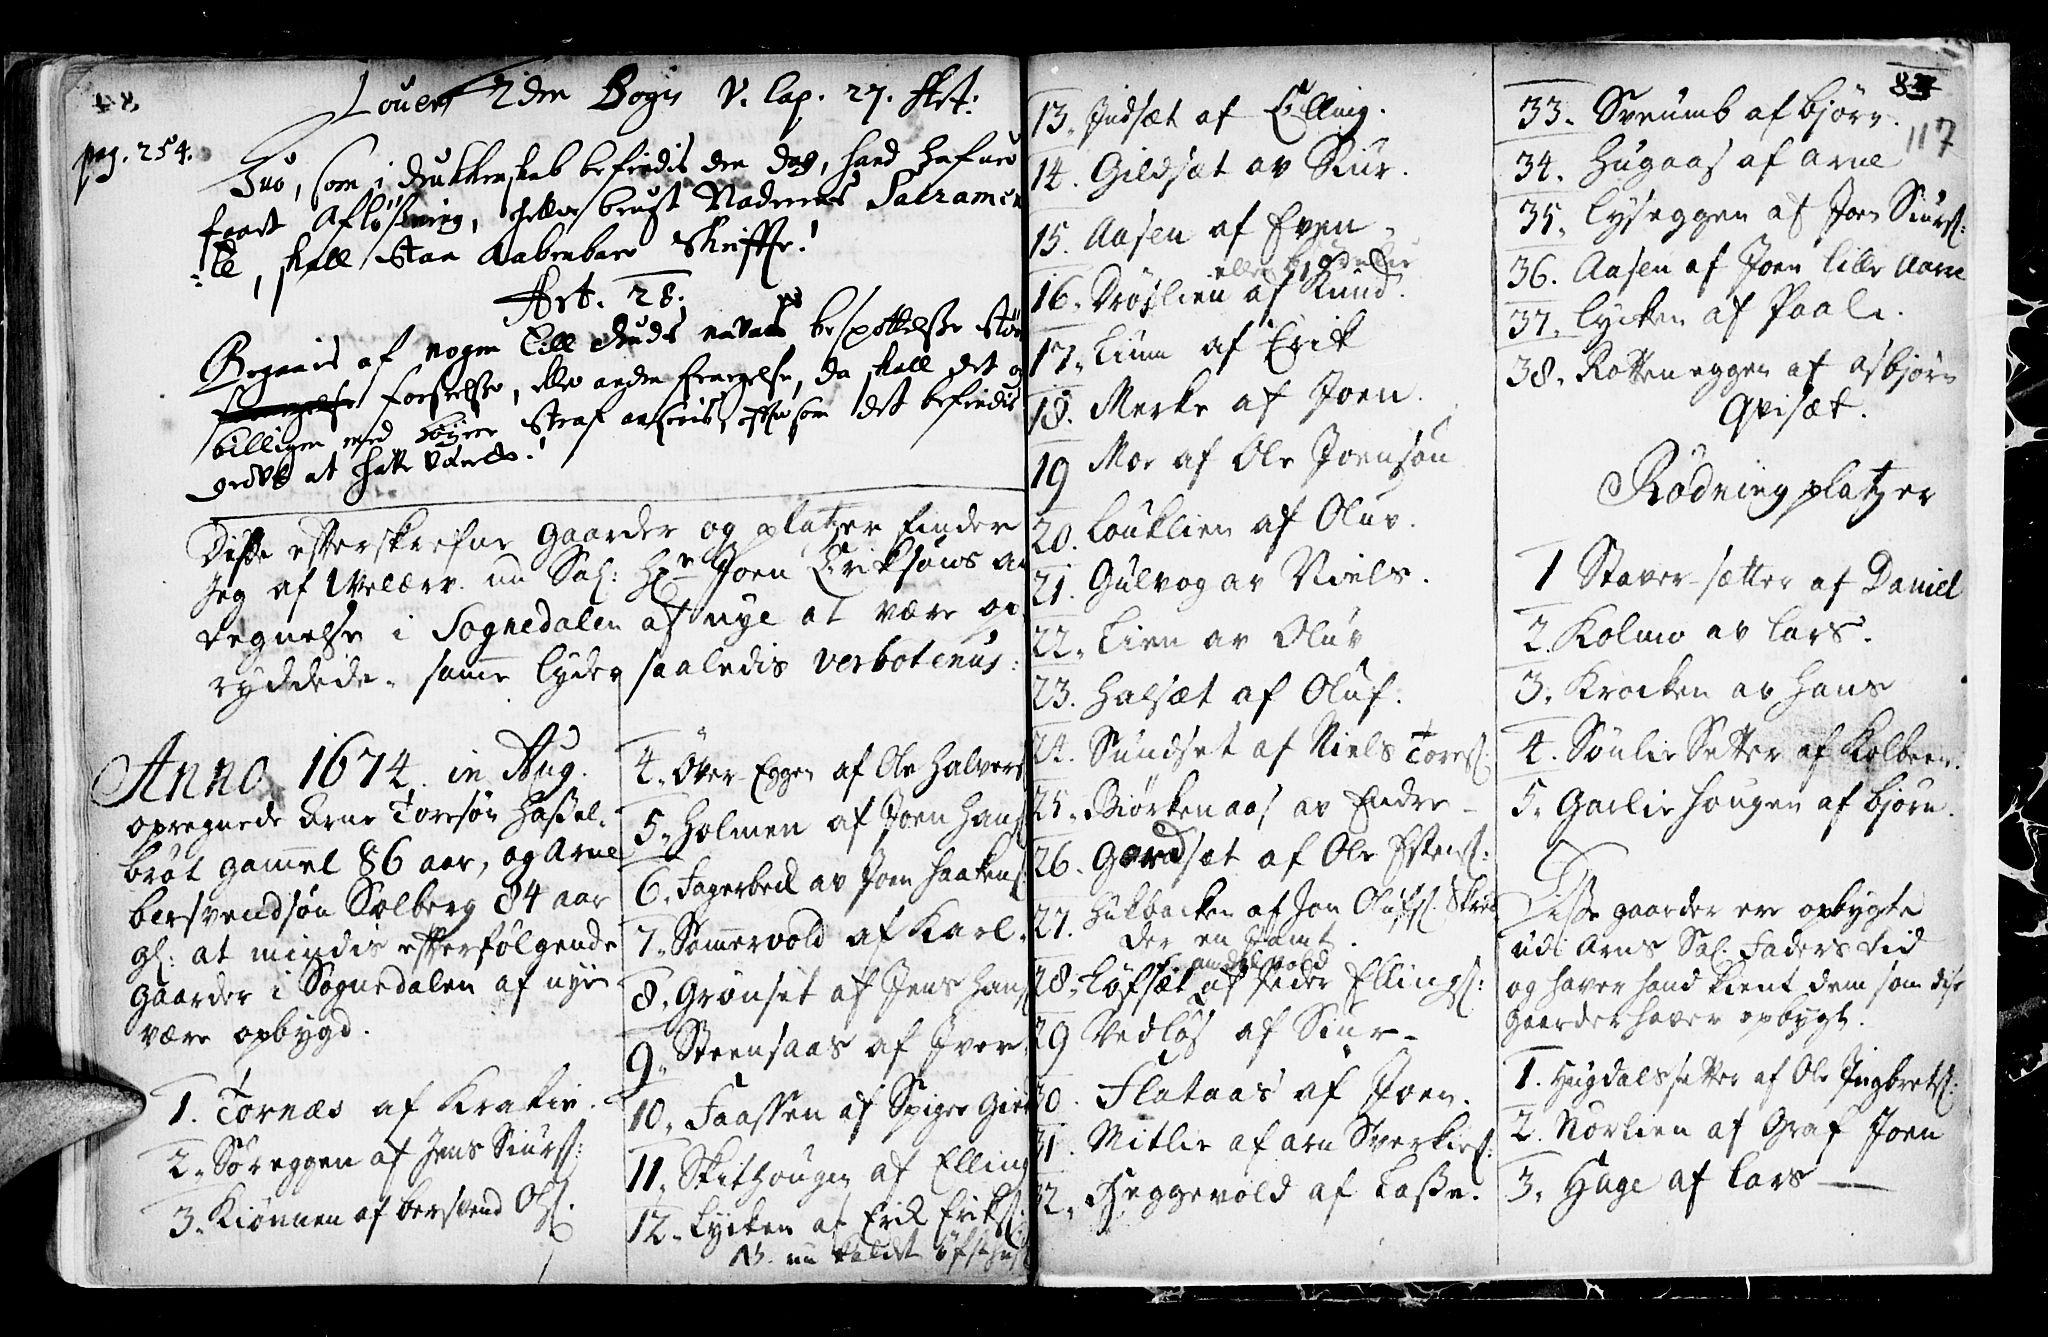 SAT, Ministerialprotokoller, klokkerbøker og fødselsregistre - Sør-Trøndelag, 689/L1036: Ministerialbok nr. 689A01, 1696-1746, s. 117